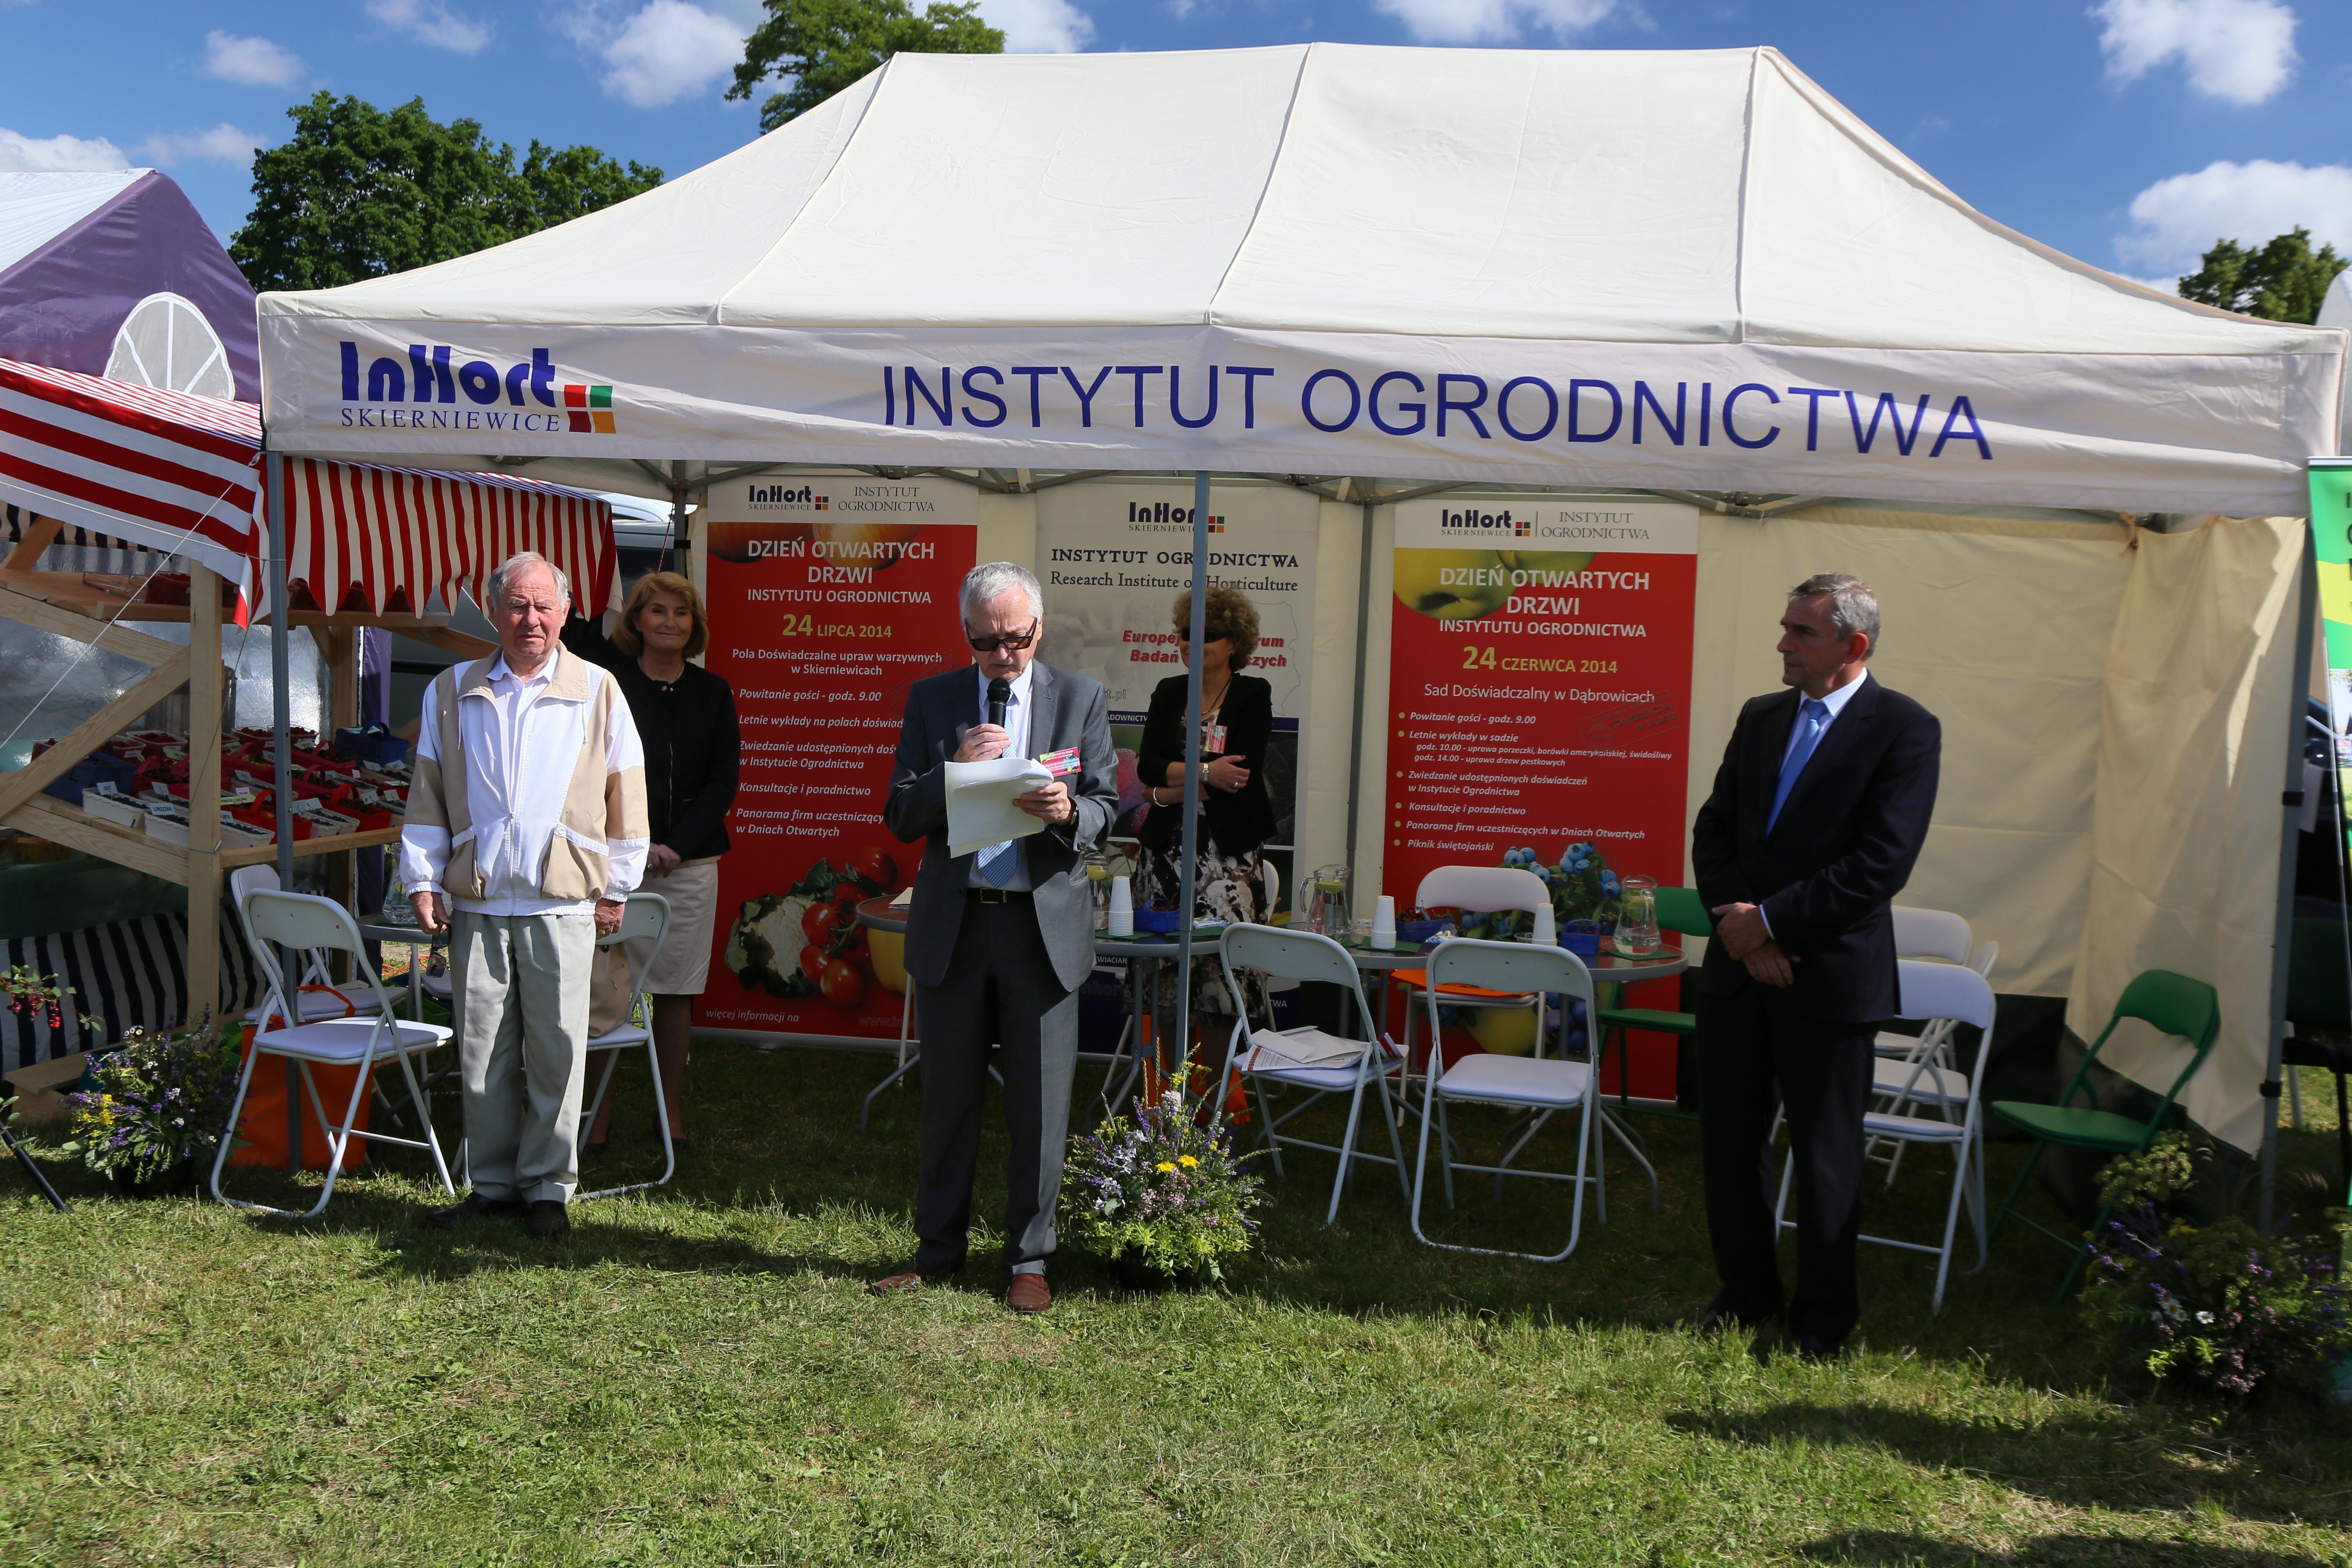 XVII Dzień Otwartych Drzwi Instytutu Ogrodnictwa w Dąbrowicach